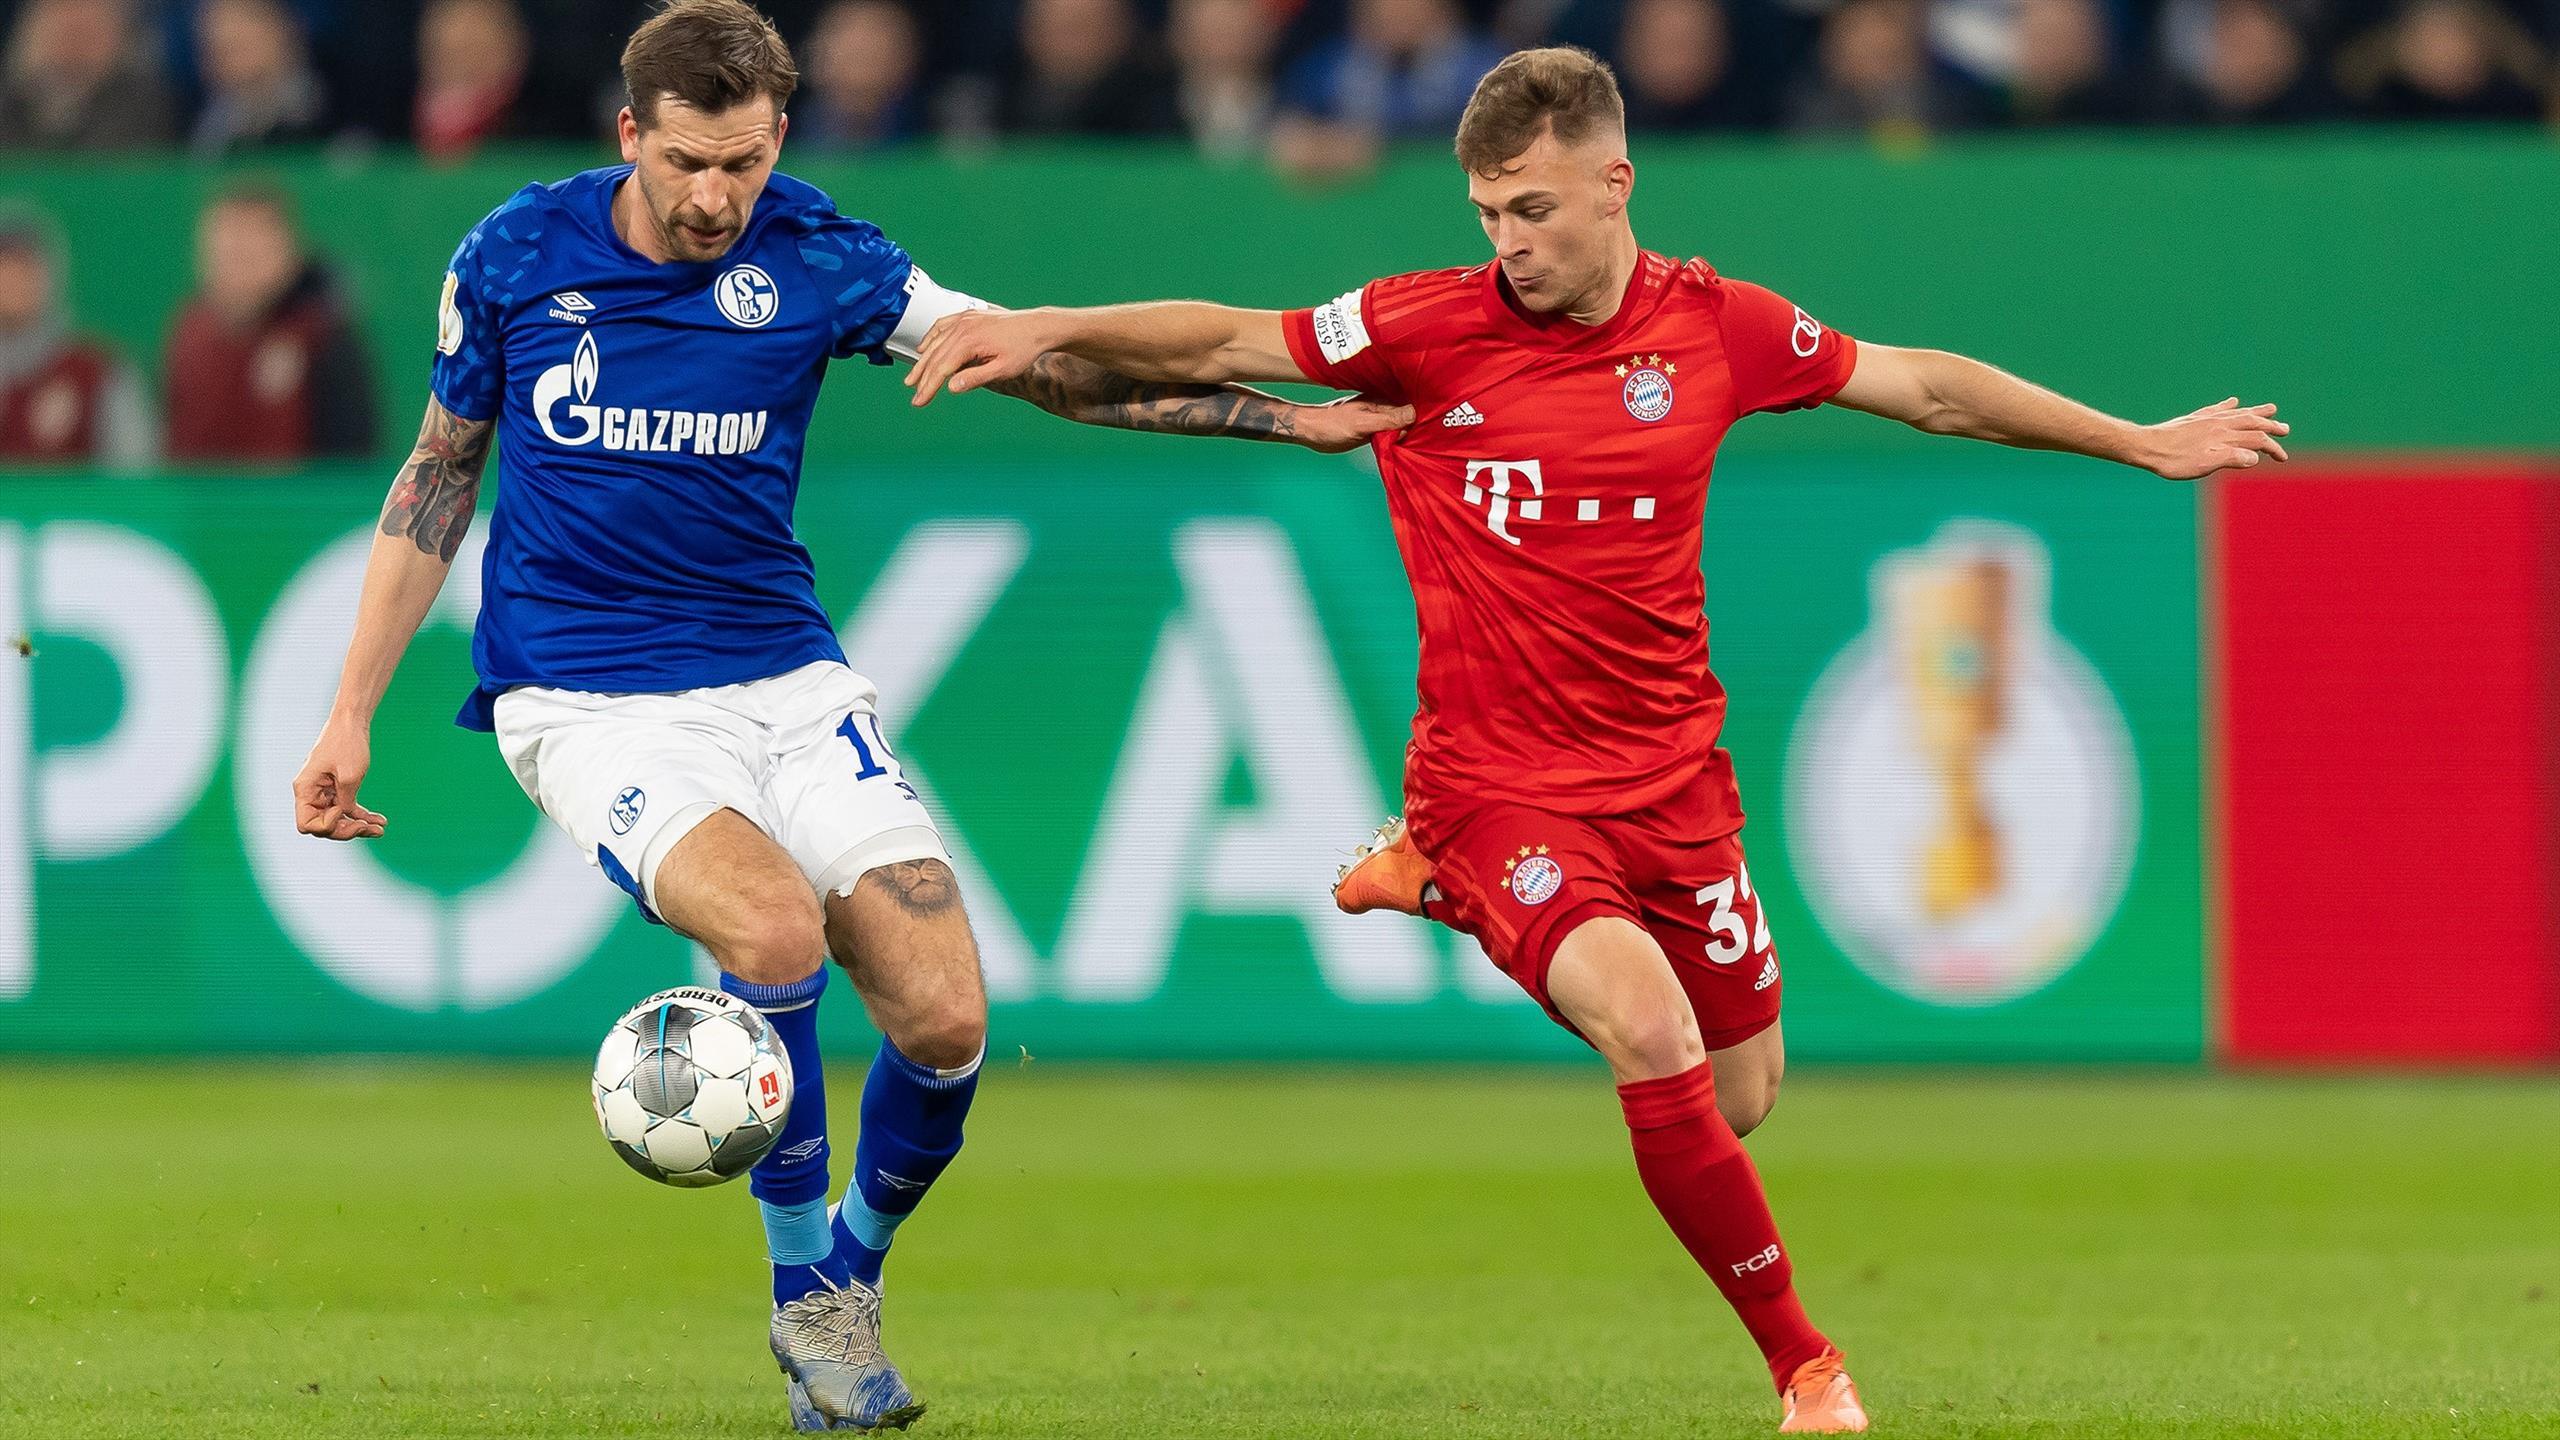 Wer überträgt Bundesliga 2021